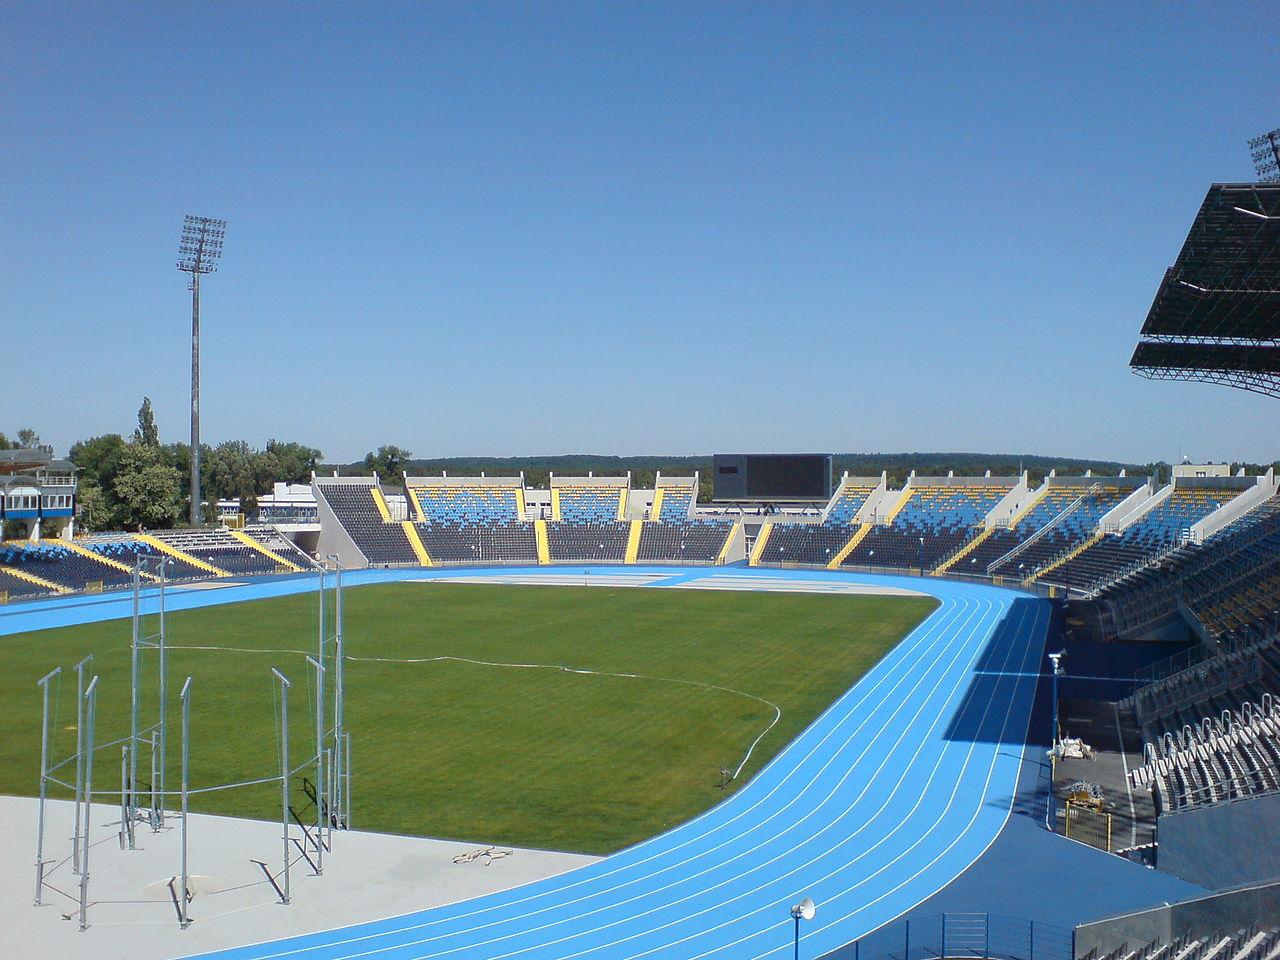 Stadion Zawiszy Bydgoszcz widok ogolny.jpg